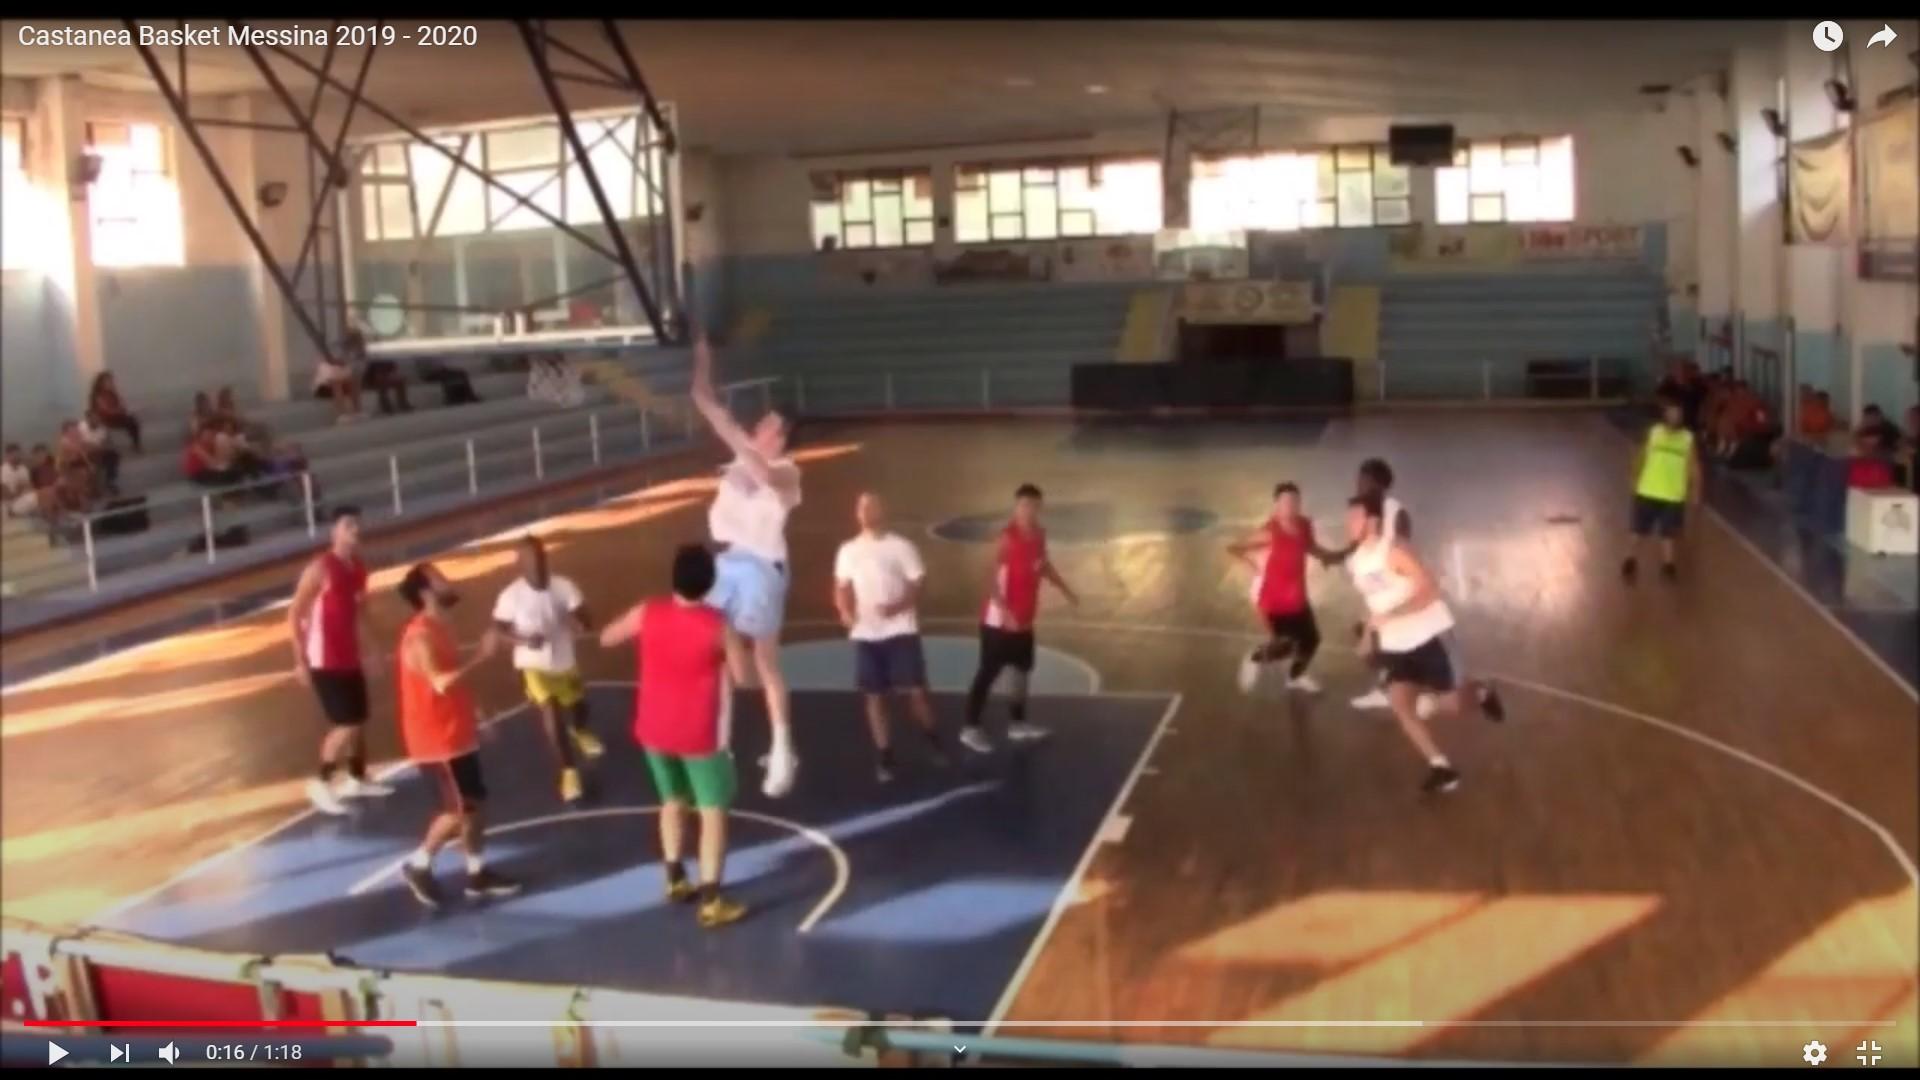 Castanea Basket Messina 2019 - 2020